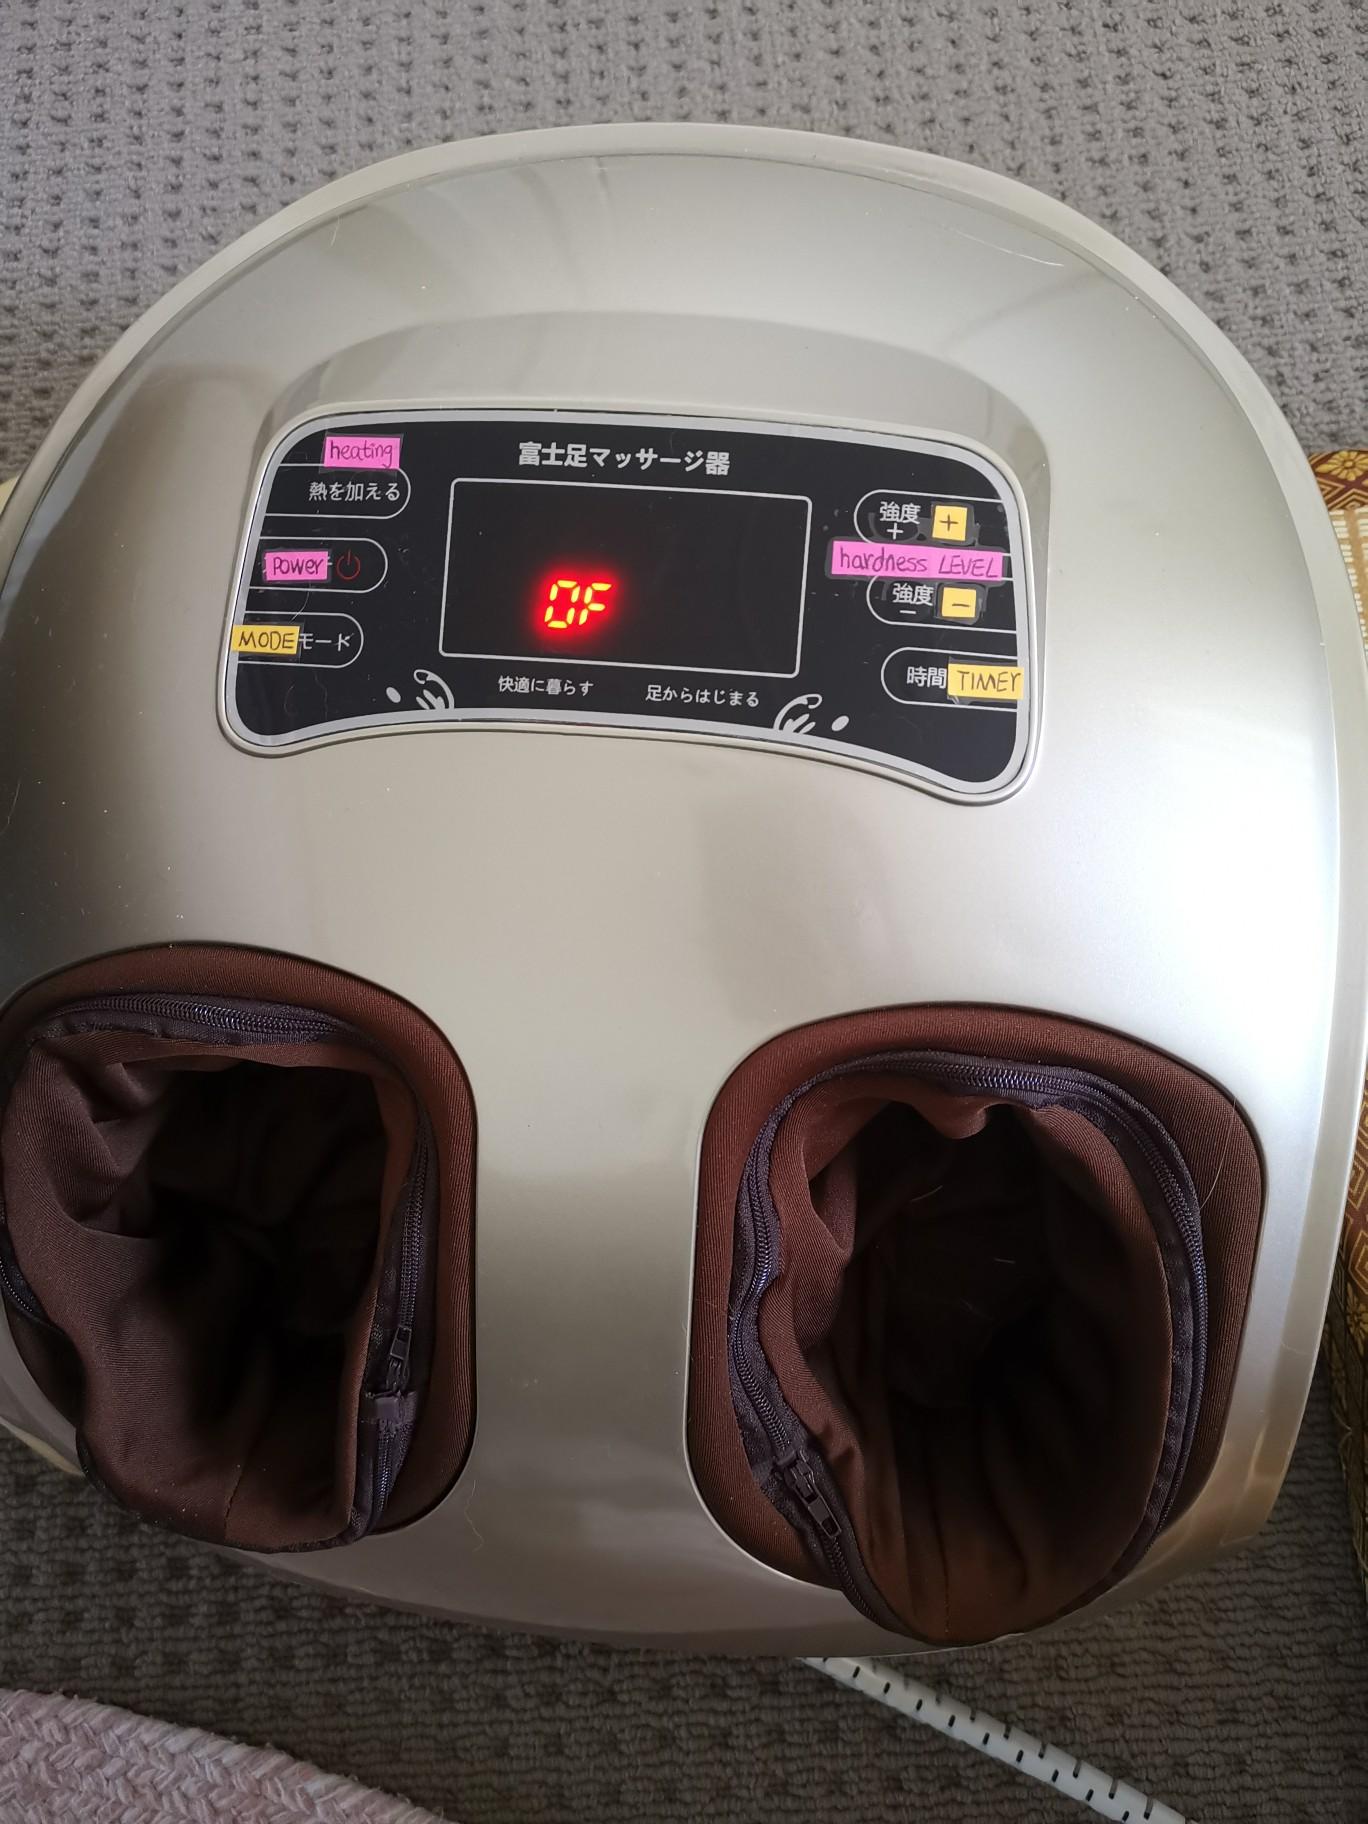 超级实用的富士足疗机,送妈妈的创意母亲节礼物